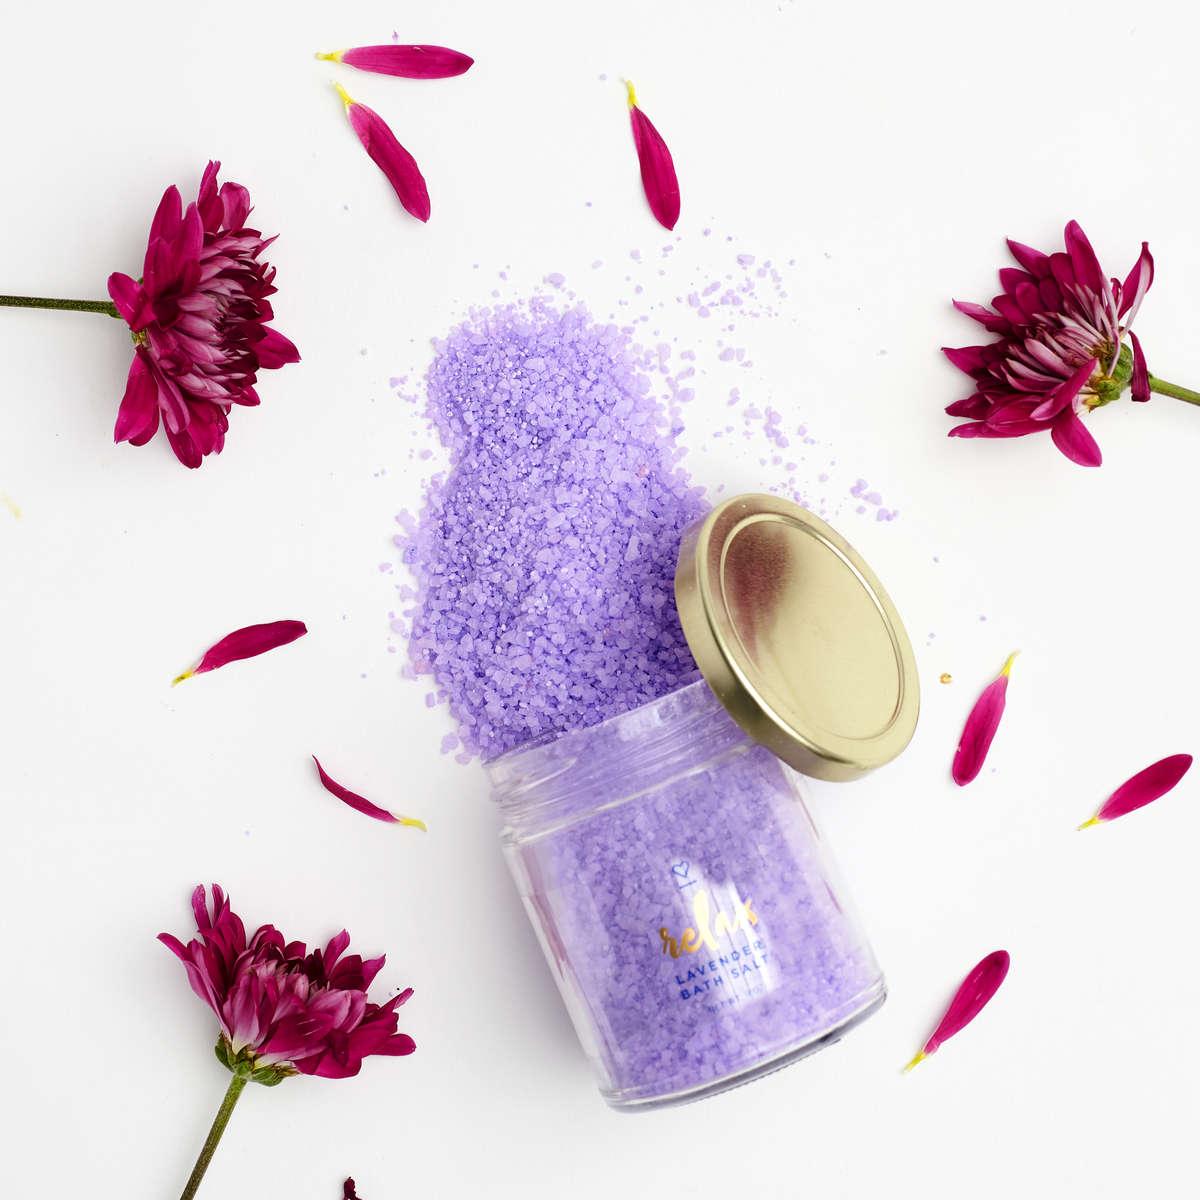 LavenderBathSalt